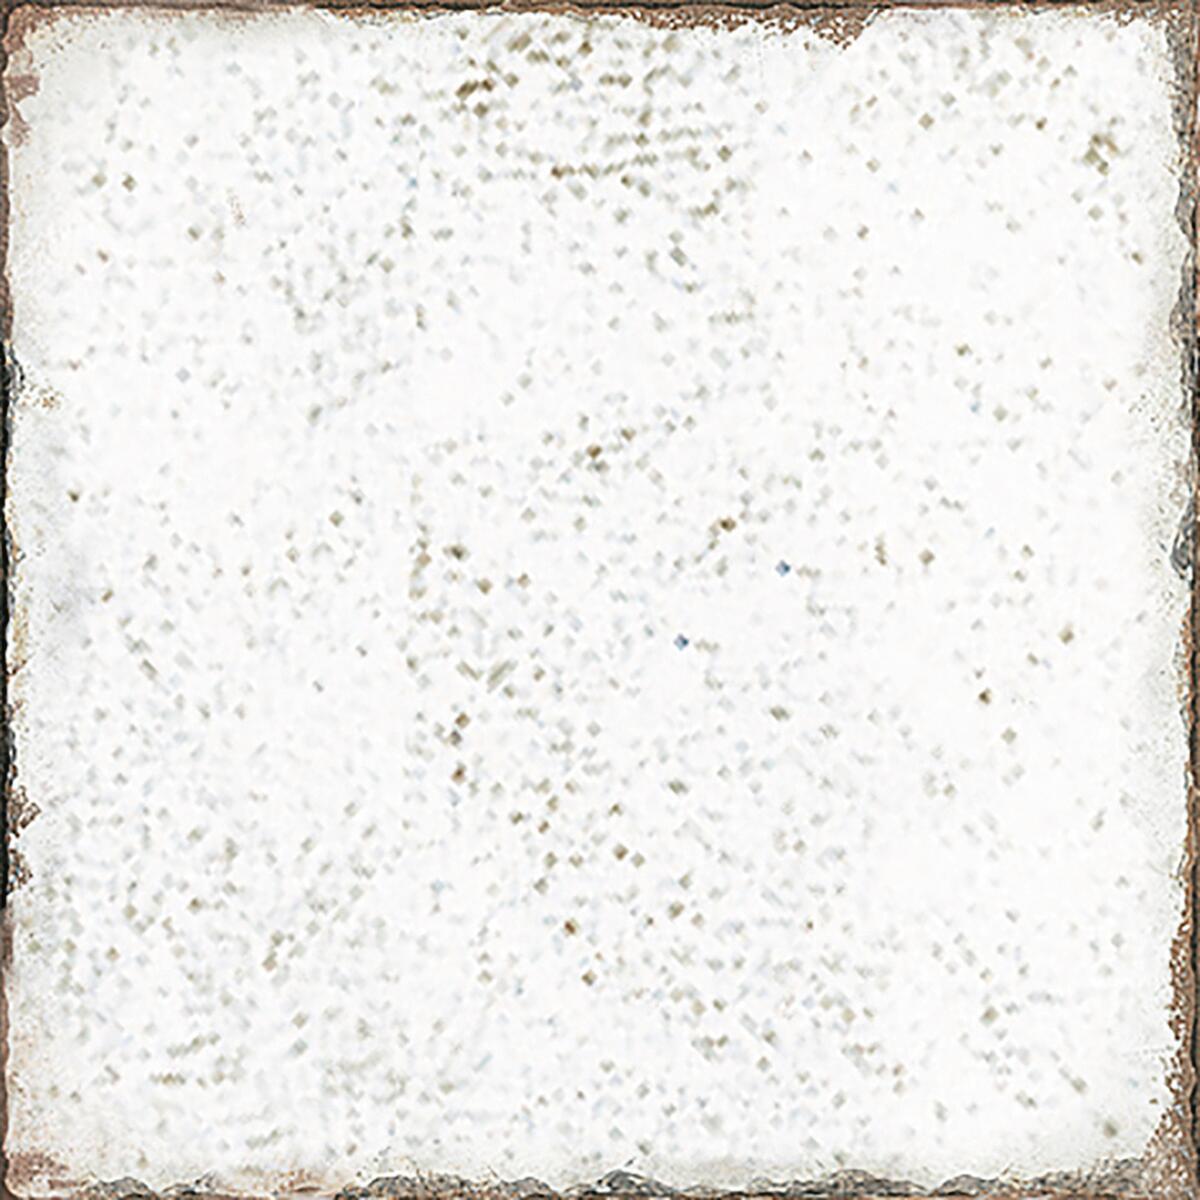 Piastrella Agadir 20 x 20 cm sp. 7.2 mm PEI 3/5 bianco - 2